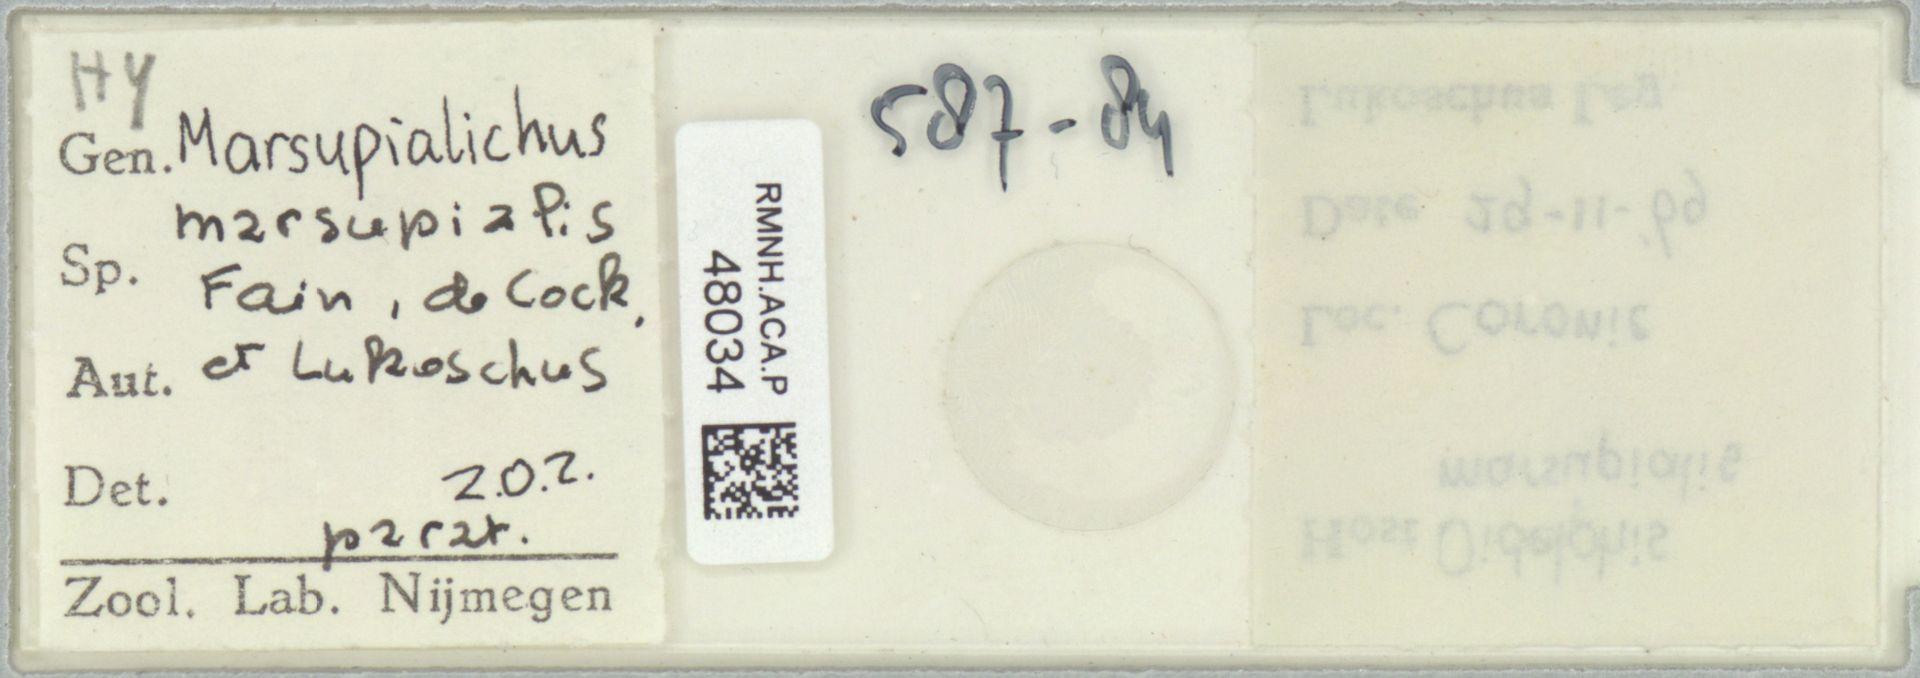 RMNH.ACA.P.48034 | Marsupialichus marsupialis Fain, de Cock & Lukoschus